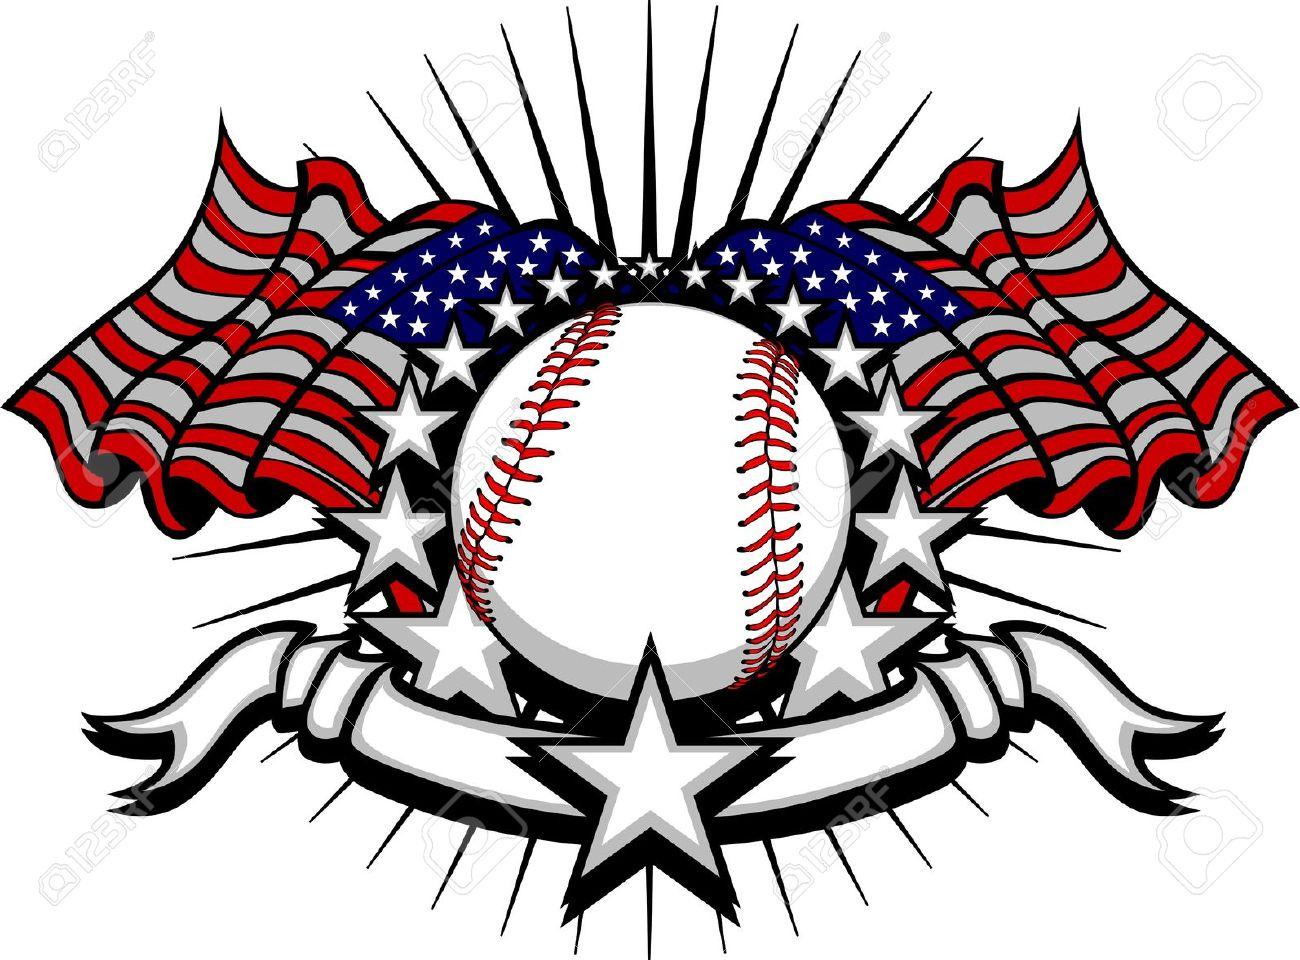 Free logos cliparts download. Baseball clipart logo